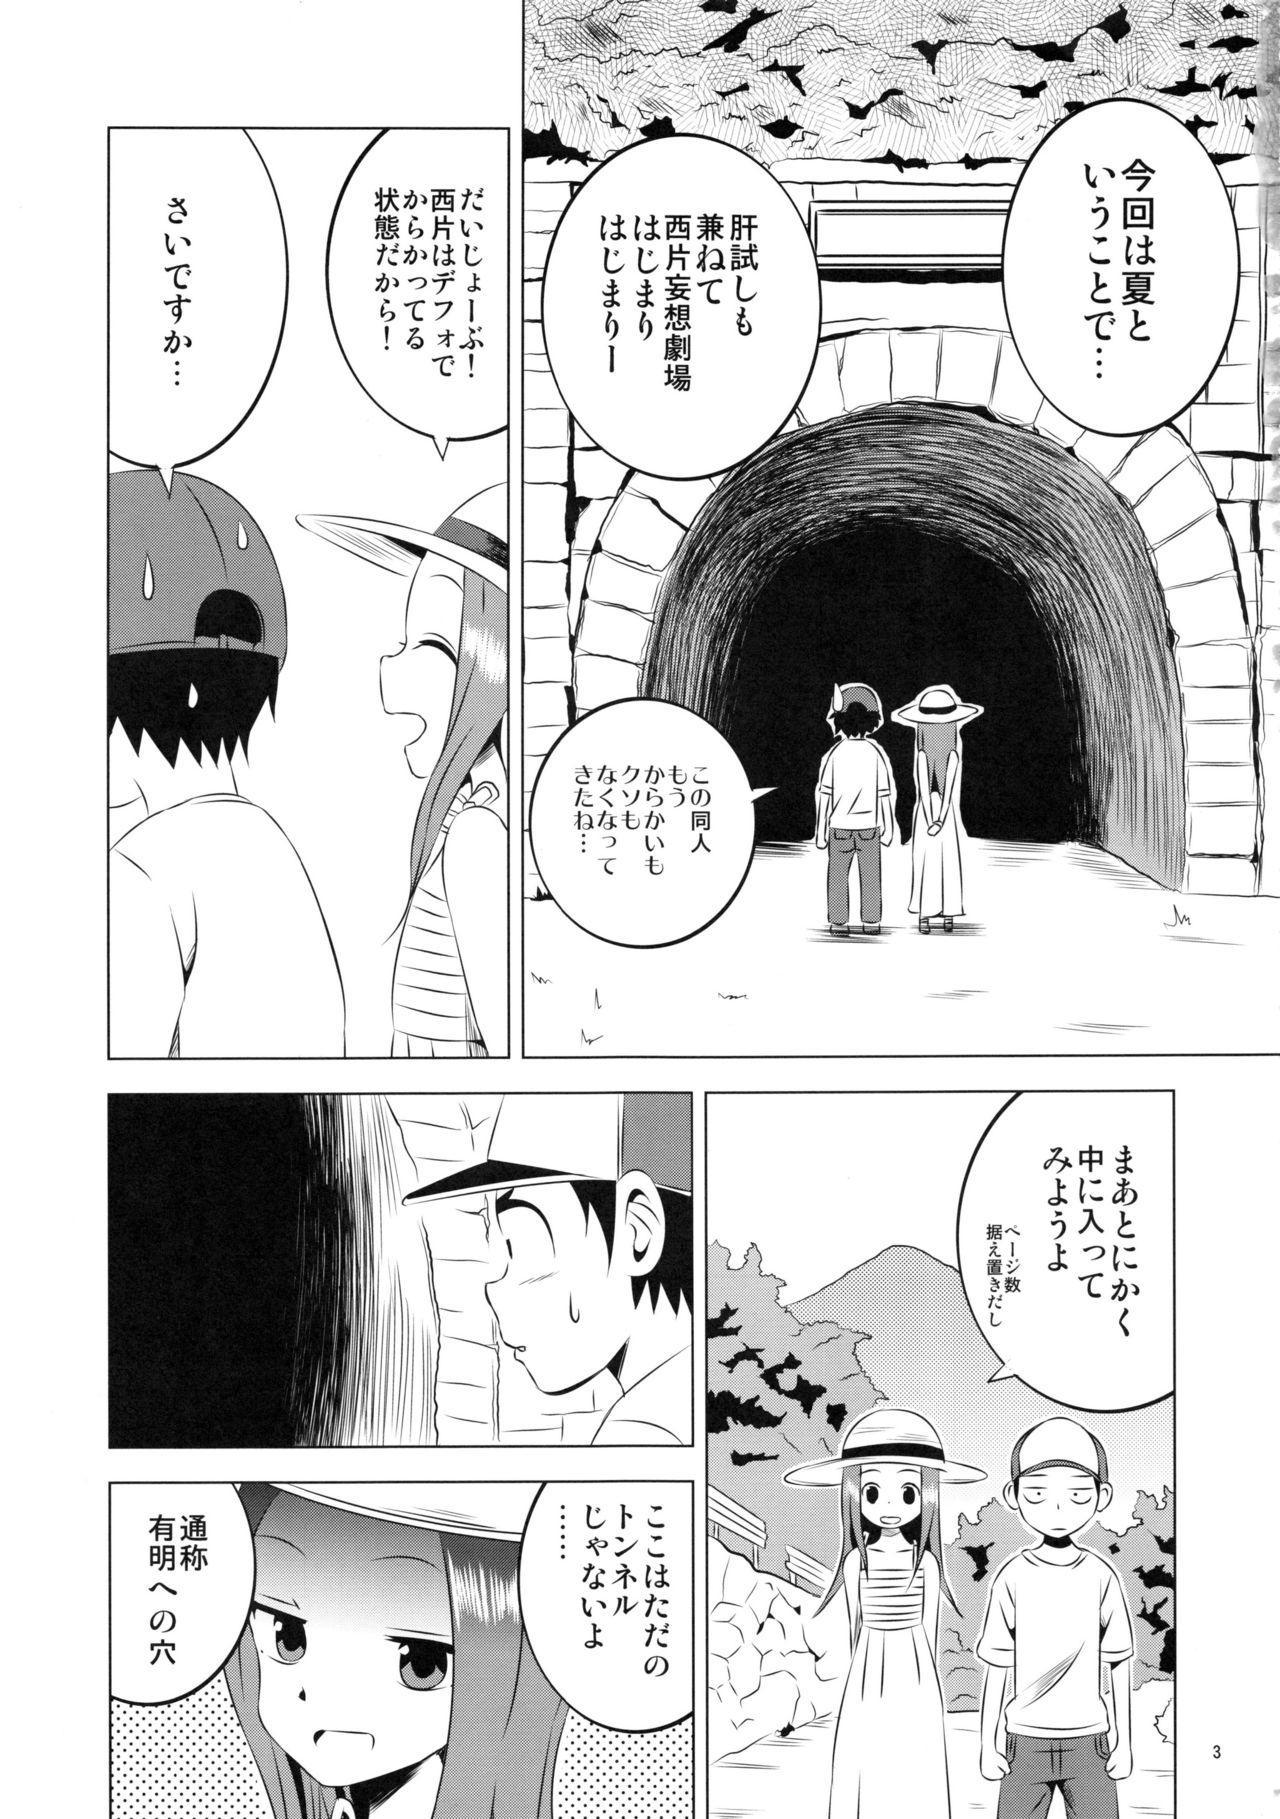 (C92) [Kakohimenoutuwa (Yuumazume)] Kyou mo Nishikata-kun wa Takagi-san ni Misukasareteru 4 (Karakai Jouzu no Takagi-san) 2